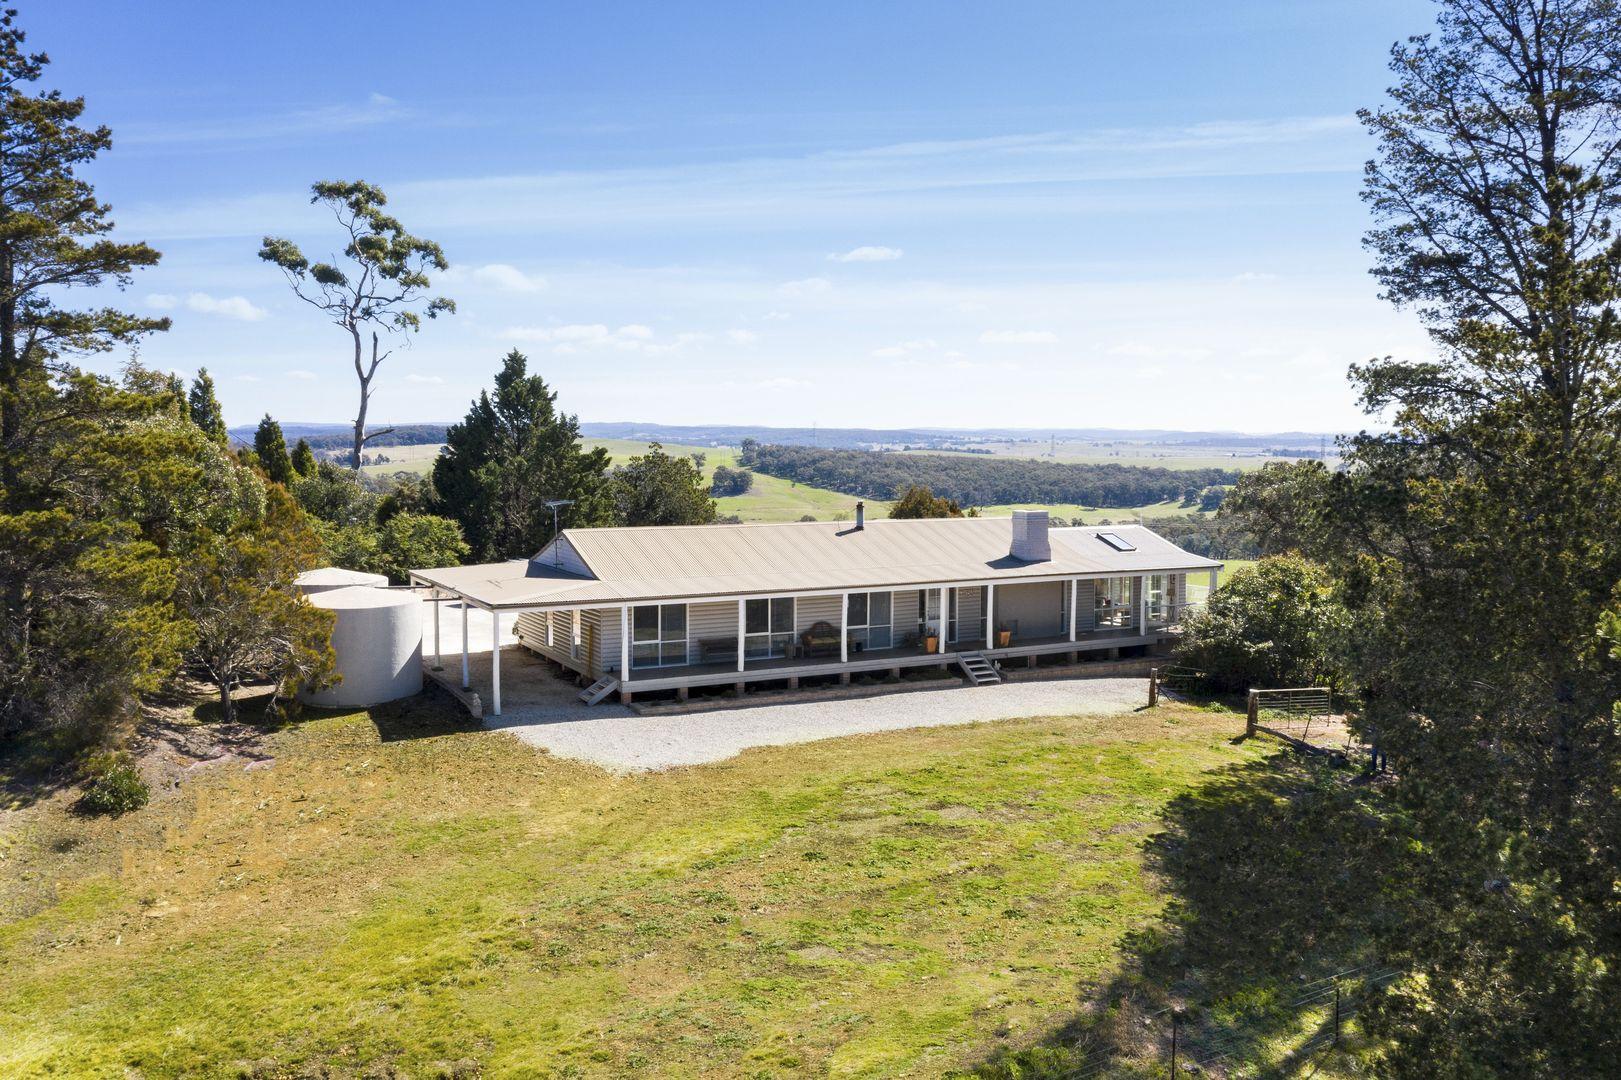 1238 Canyonleigh  Road, Brayton NSW 2579, Image 0